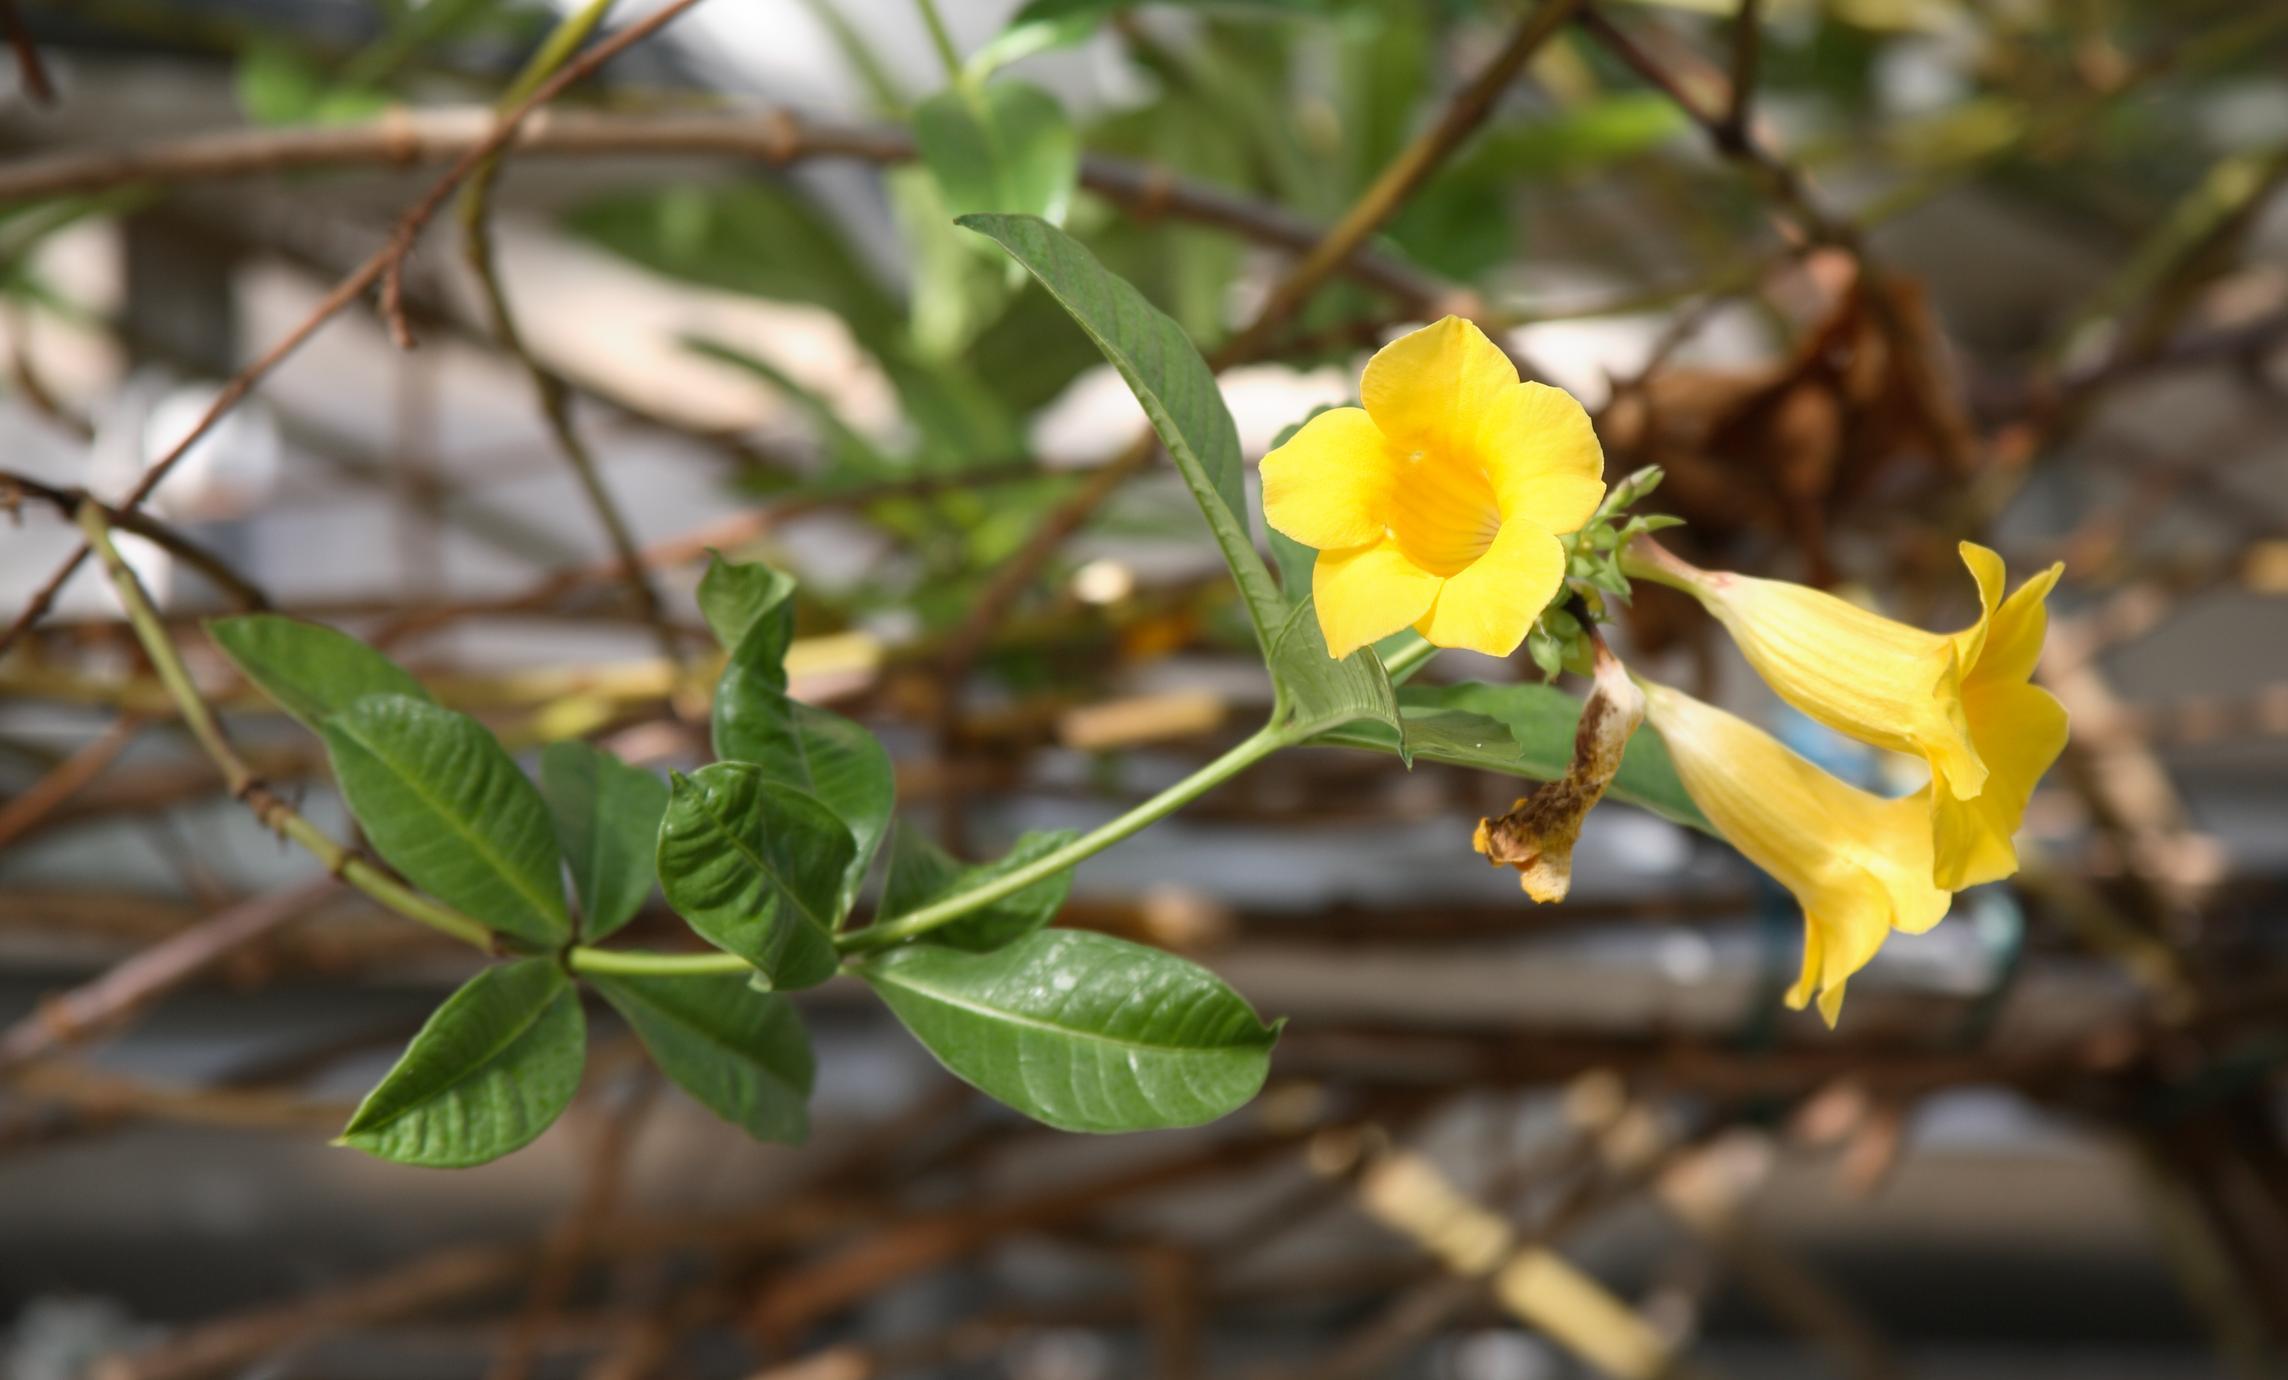 Hình ảnh cây hoa Quỳnh Anh leo